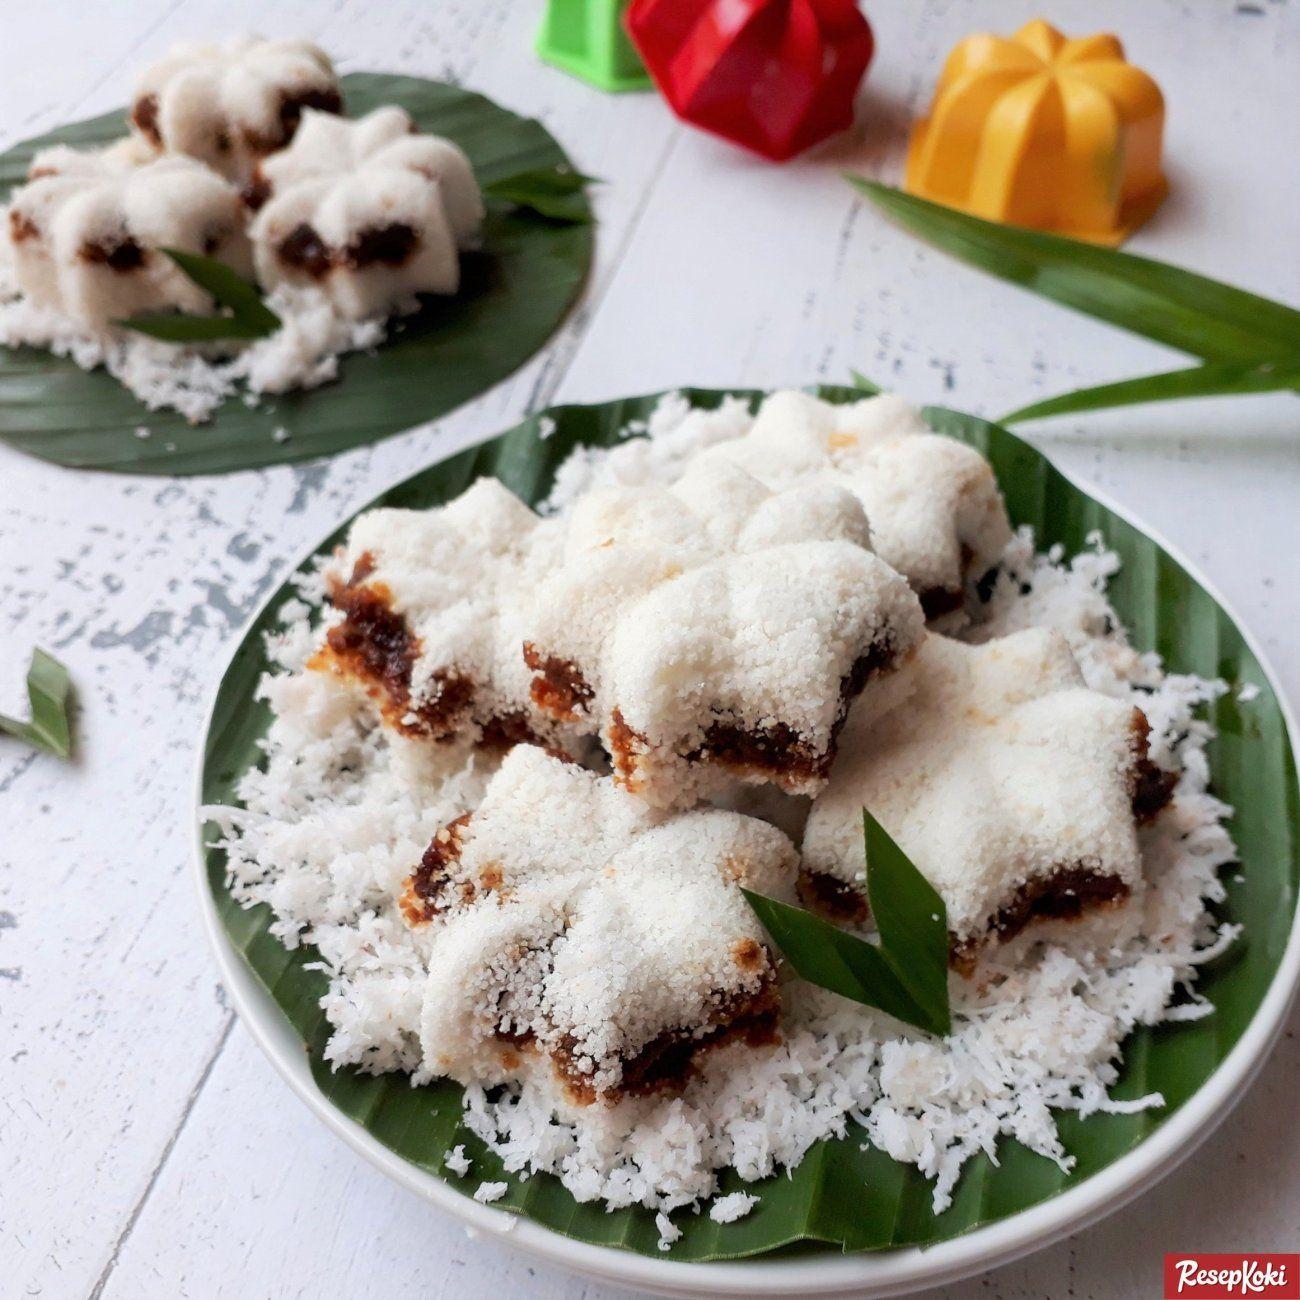 Putu Bambu Lezat Dan Simpel Tanpa Cetakan Bambu Resep Resepkoki Resep Di 2020 Resep Resep Masakan Makanan Dan Minuman